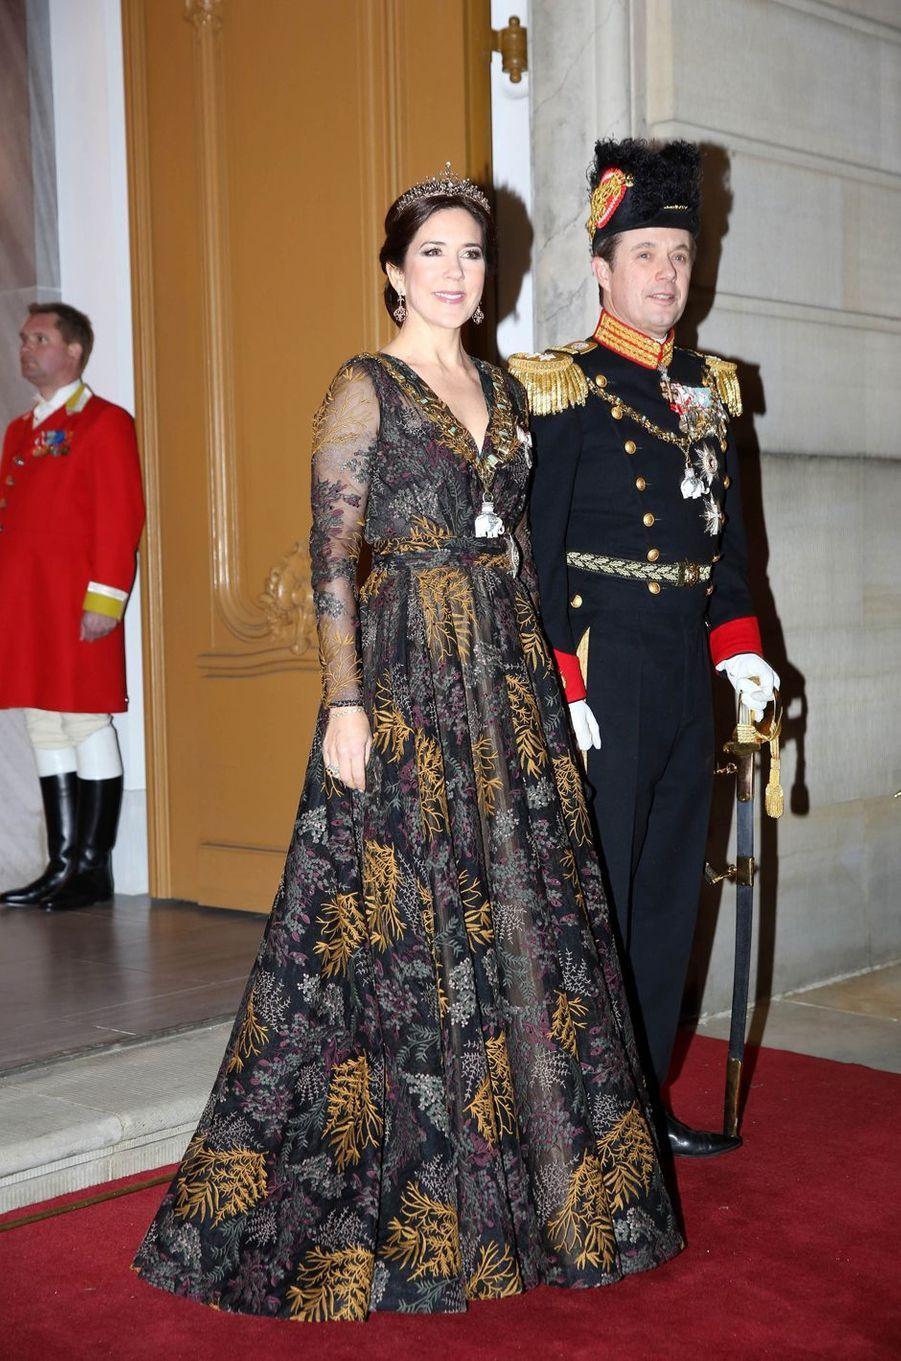 La princesse Mary et le prince Frederik de Danemark à Copenhague, le 1er janvier 2019